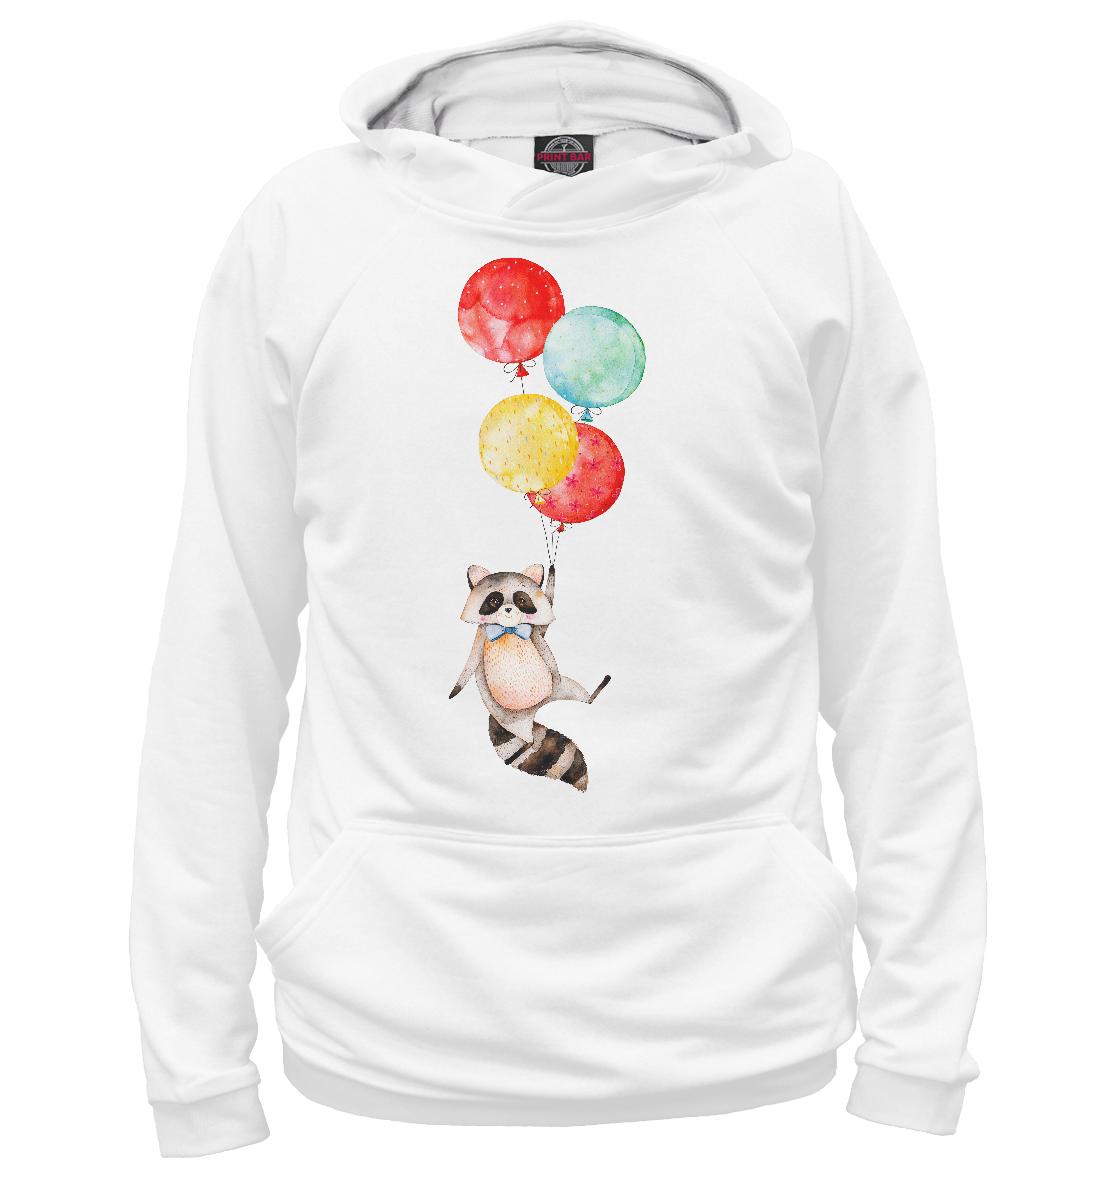 Купить Енот на воздушном шарике, Printbar, Худи, ENT-799912-hud-2